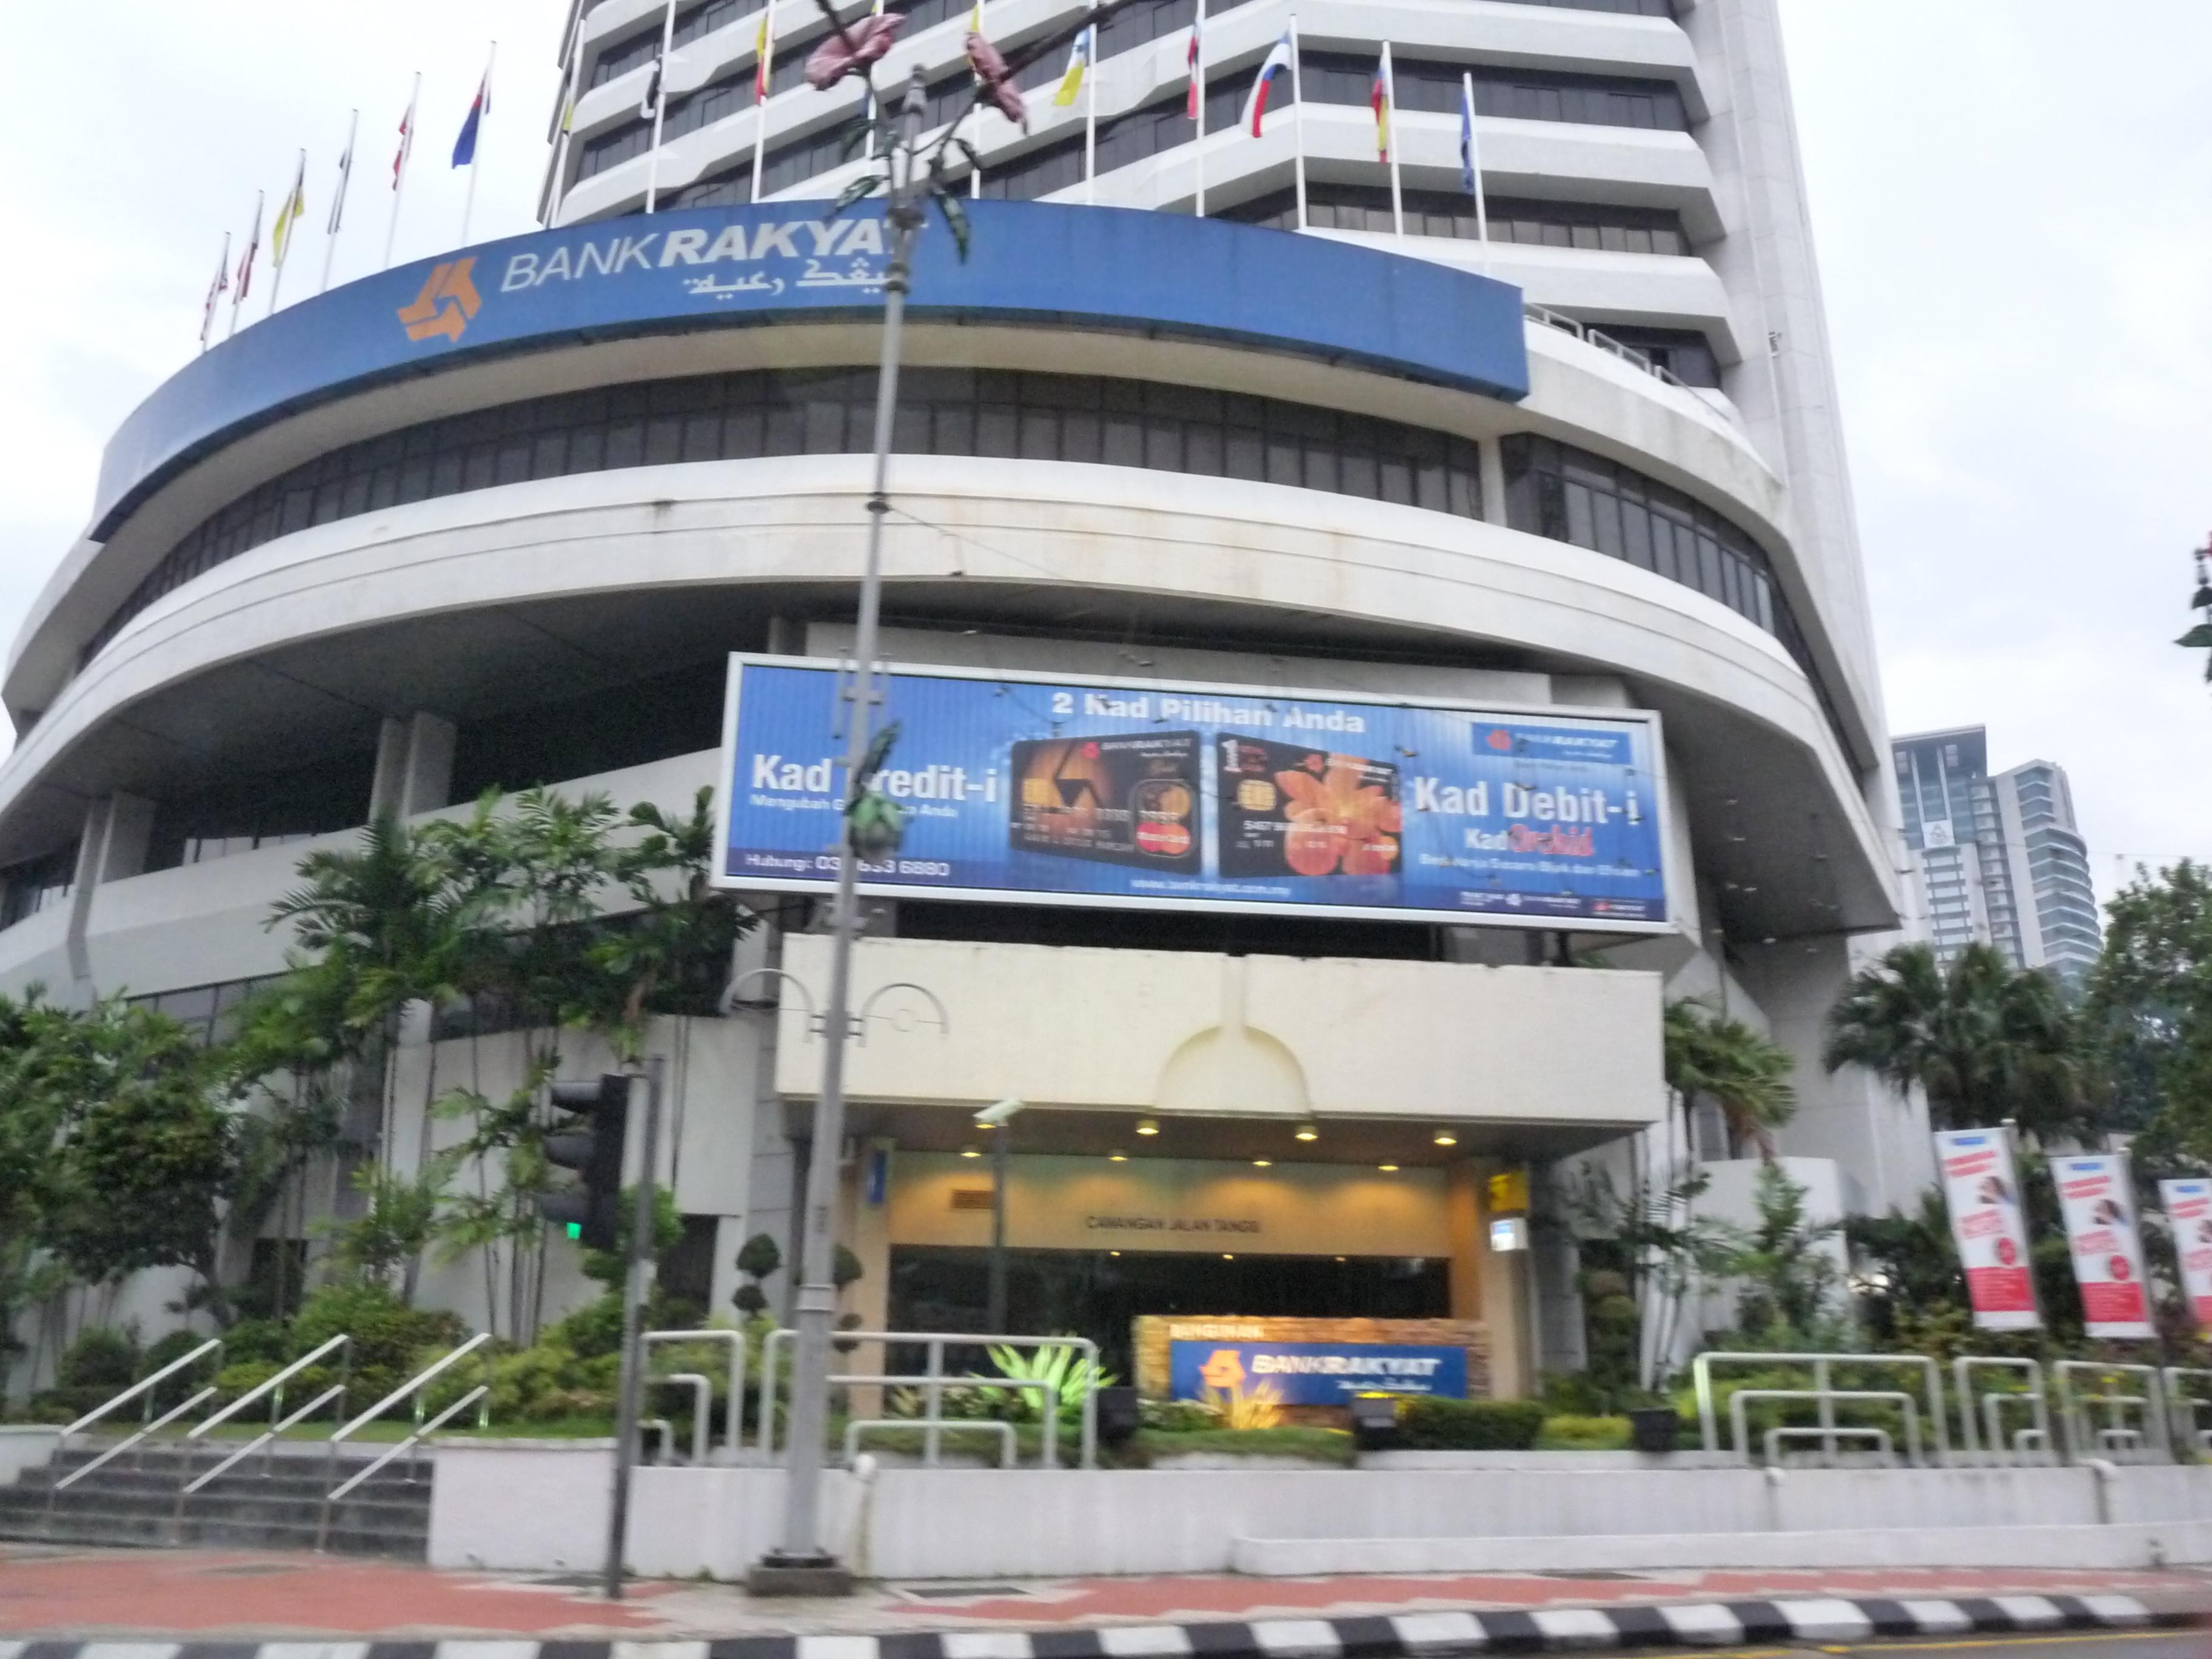 Bank Rakyat Wikipedia